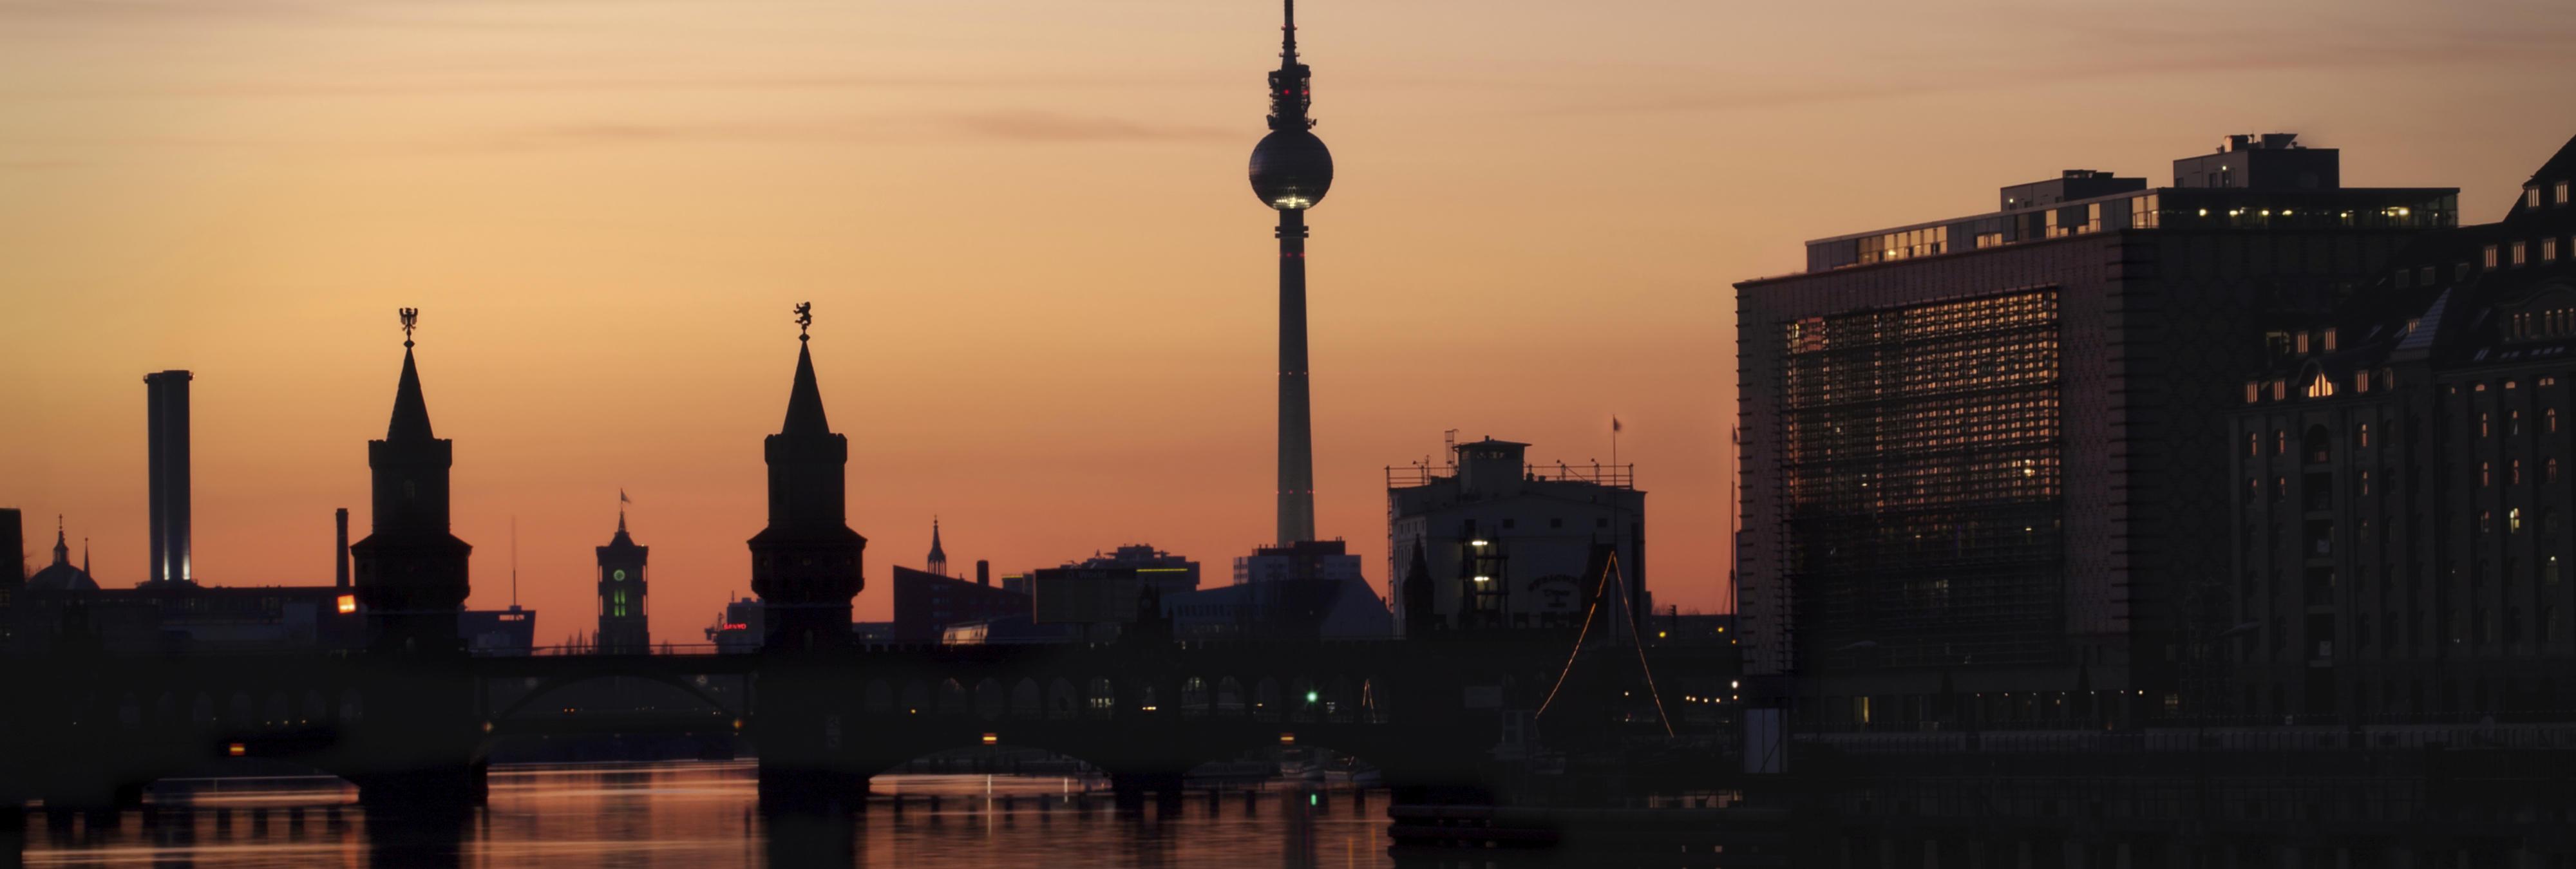 Un estudiante español es asesinado en Berlín